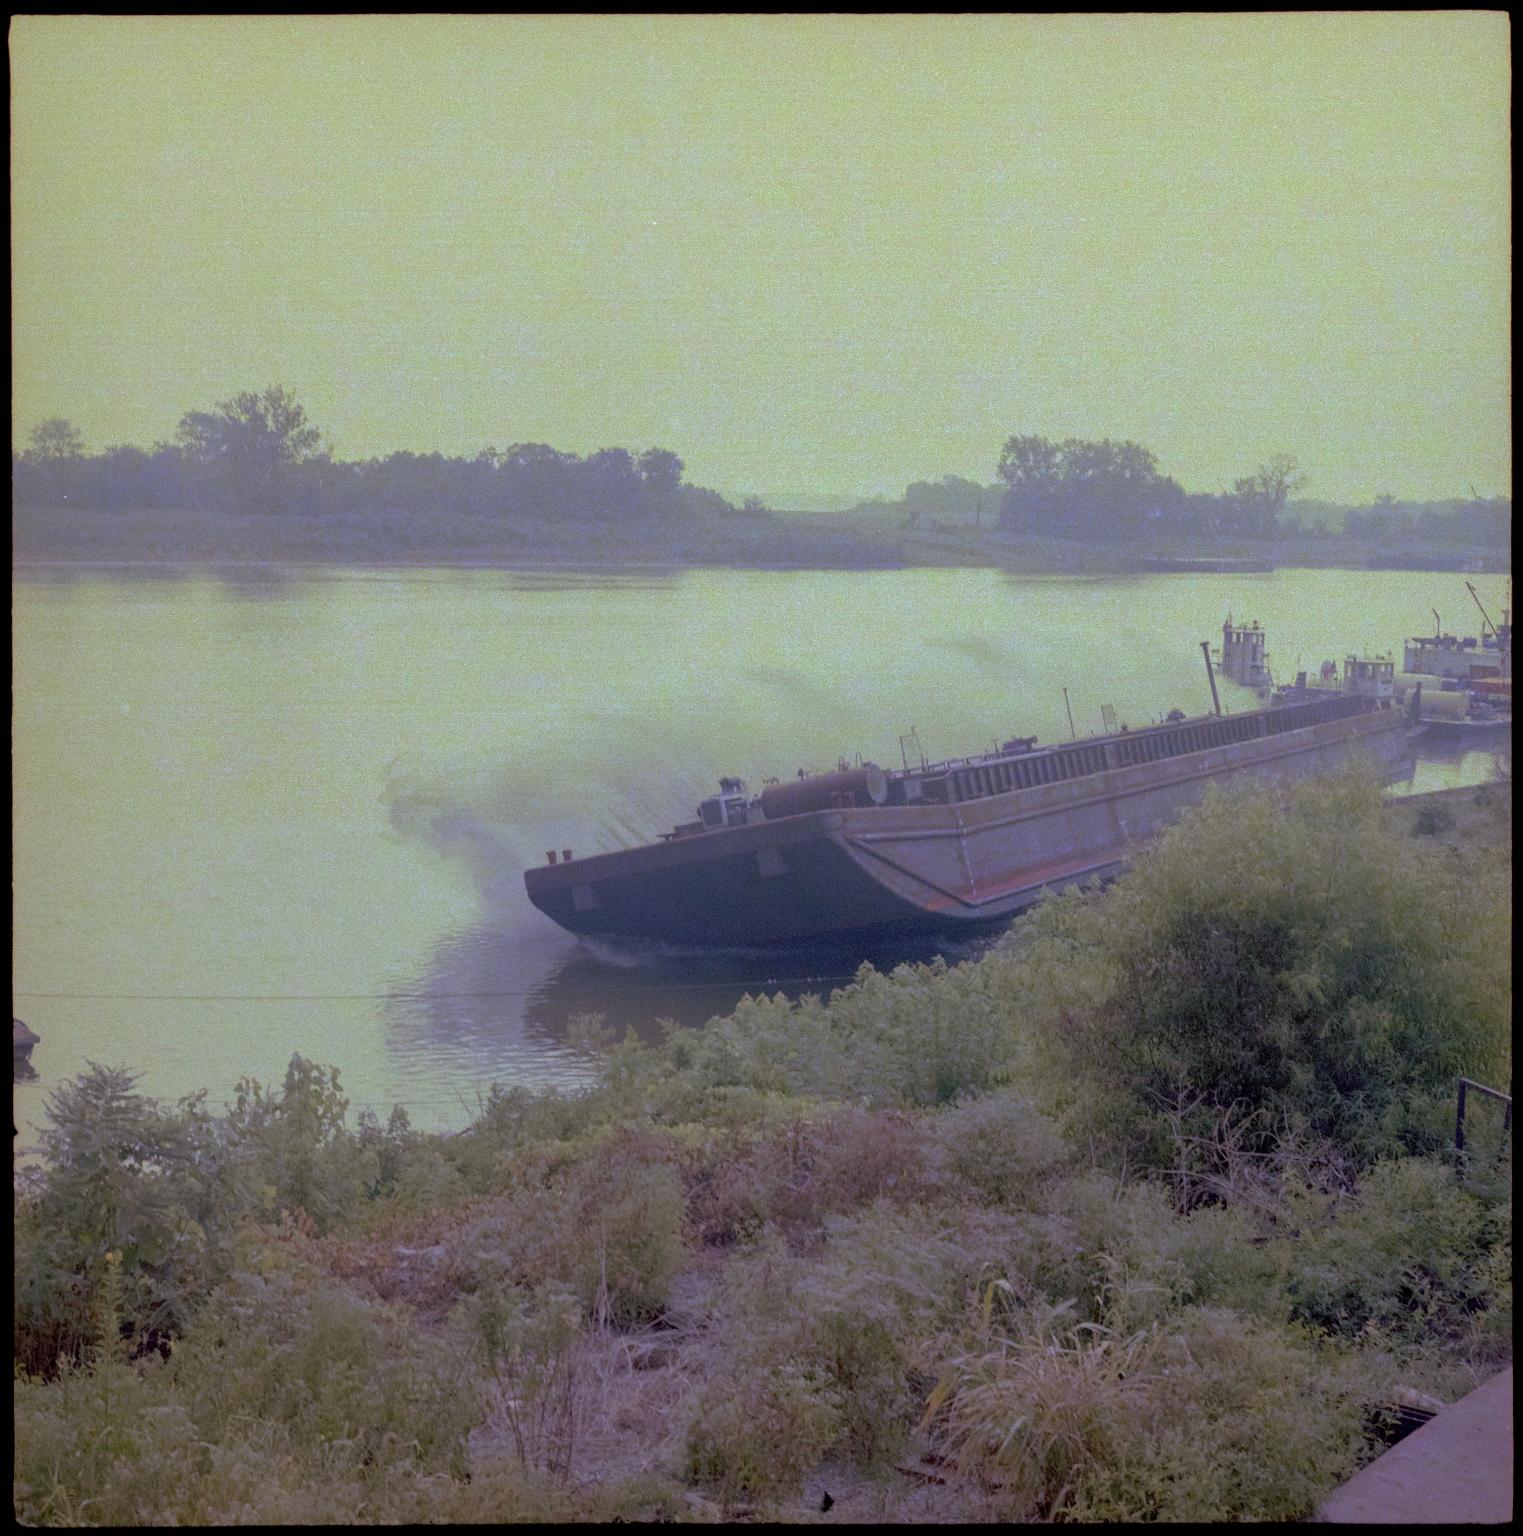 Paducah Marine Ways Barge Launching